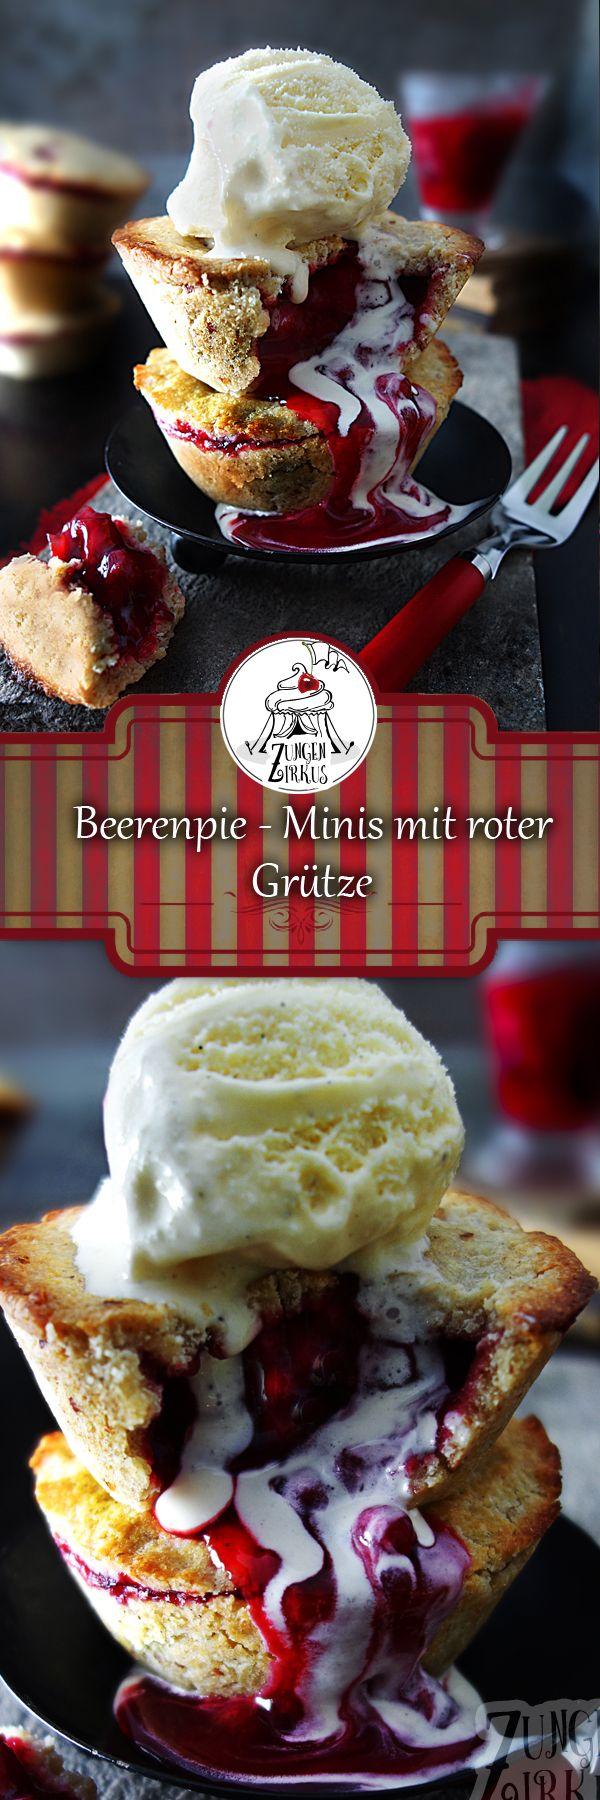 Beerenpie - Minis mit roter Grütze! Lauwarm mit einer Kugel Vanilleeis super lecker!